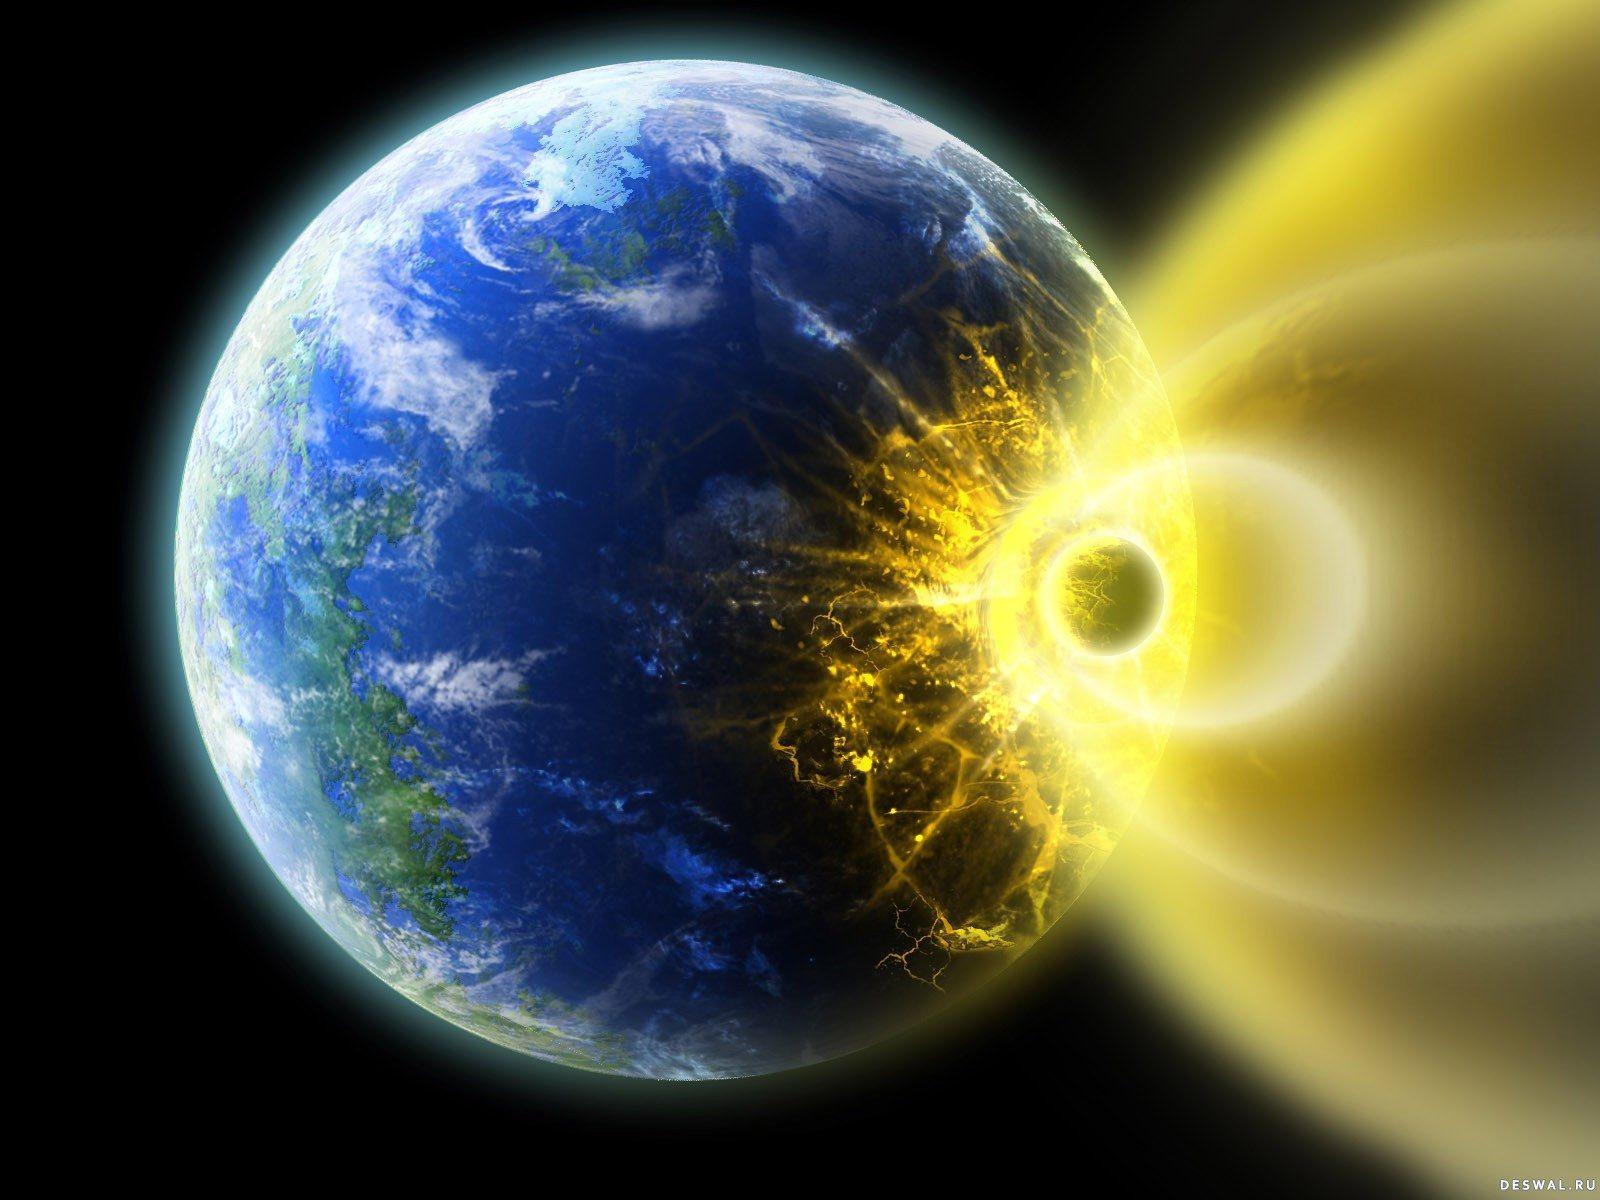 Фото 13.. Нажмите на картинку с обоями космоса, чтобы просмотреть ее в реальном размере